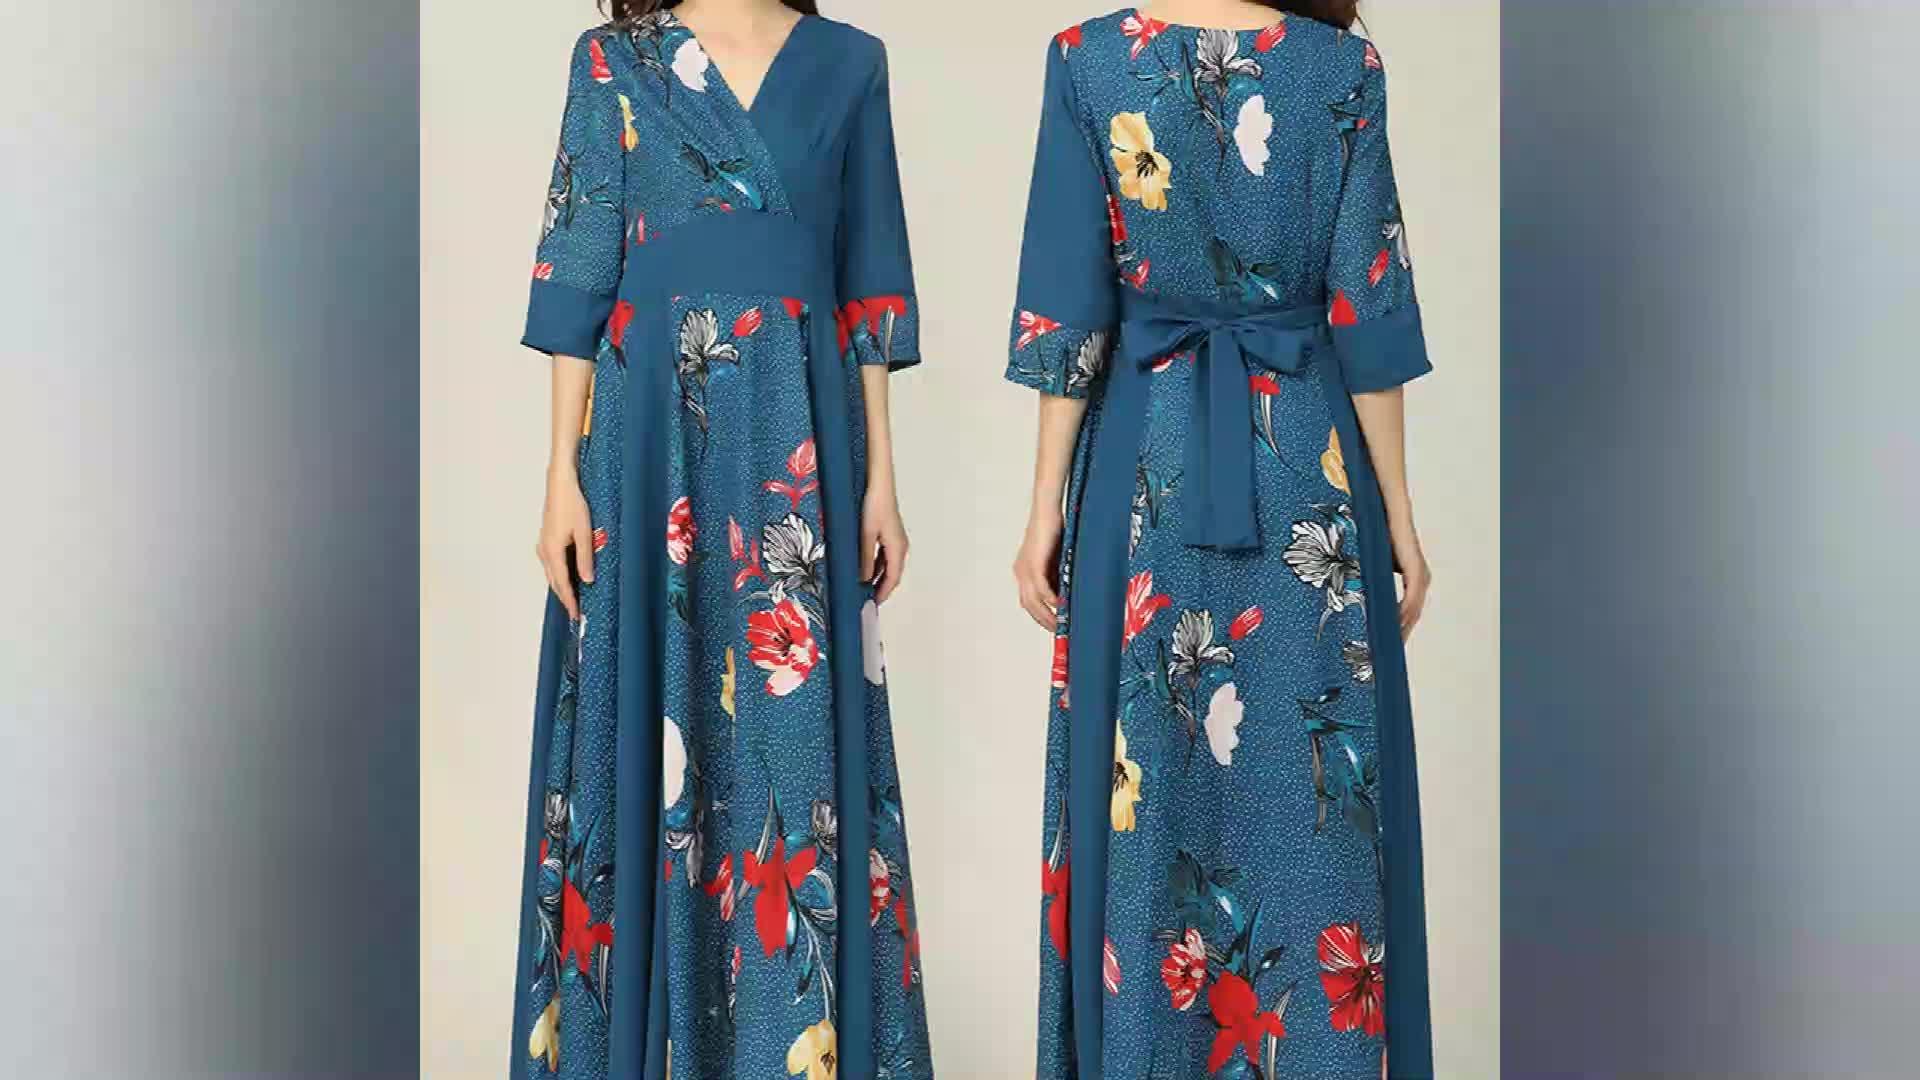 2020 printemps et automne nouvelles femmes dames Coréennes mode bleu robe longue imprimée